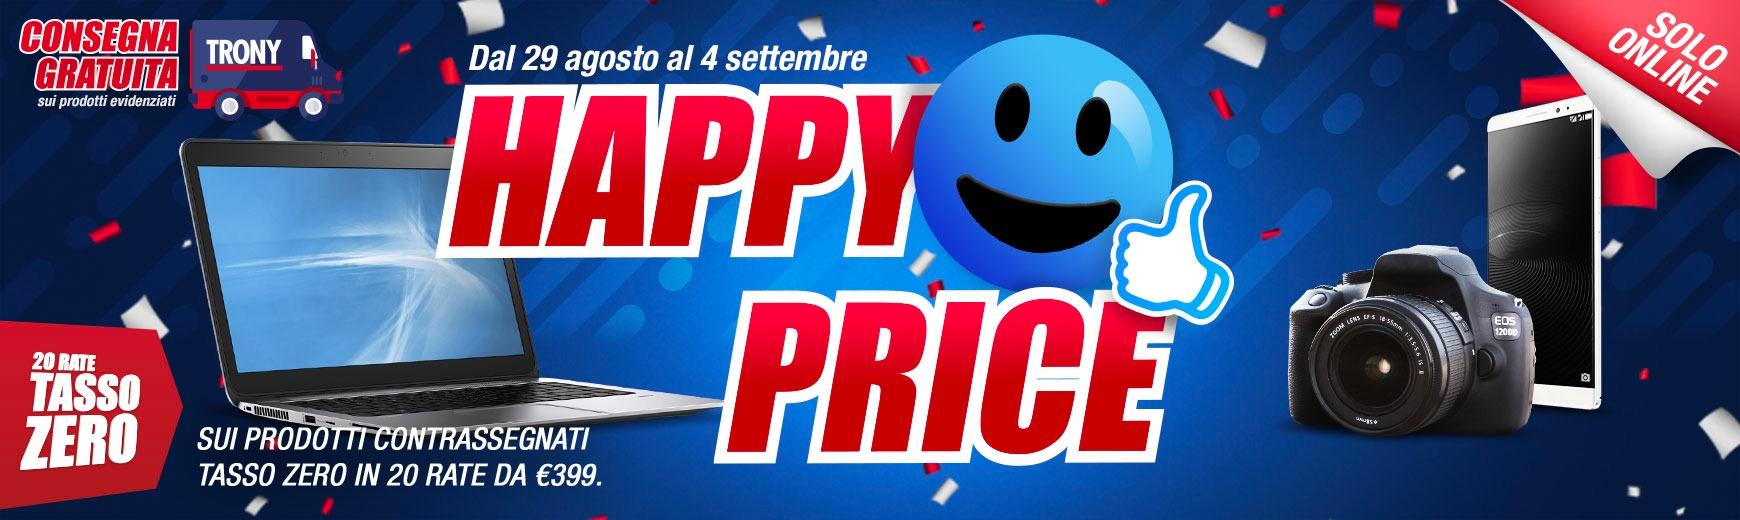 Happy Price è la nuova promozione online di Trony fino al 4 settembre 1